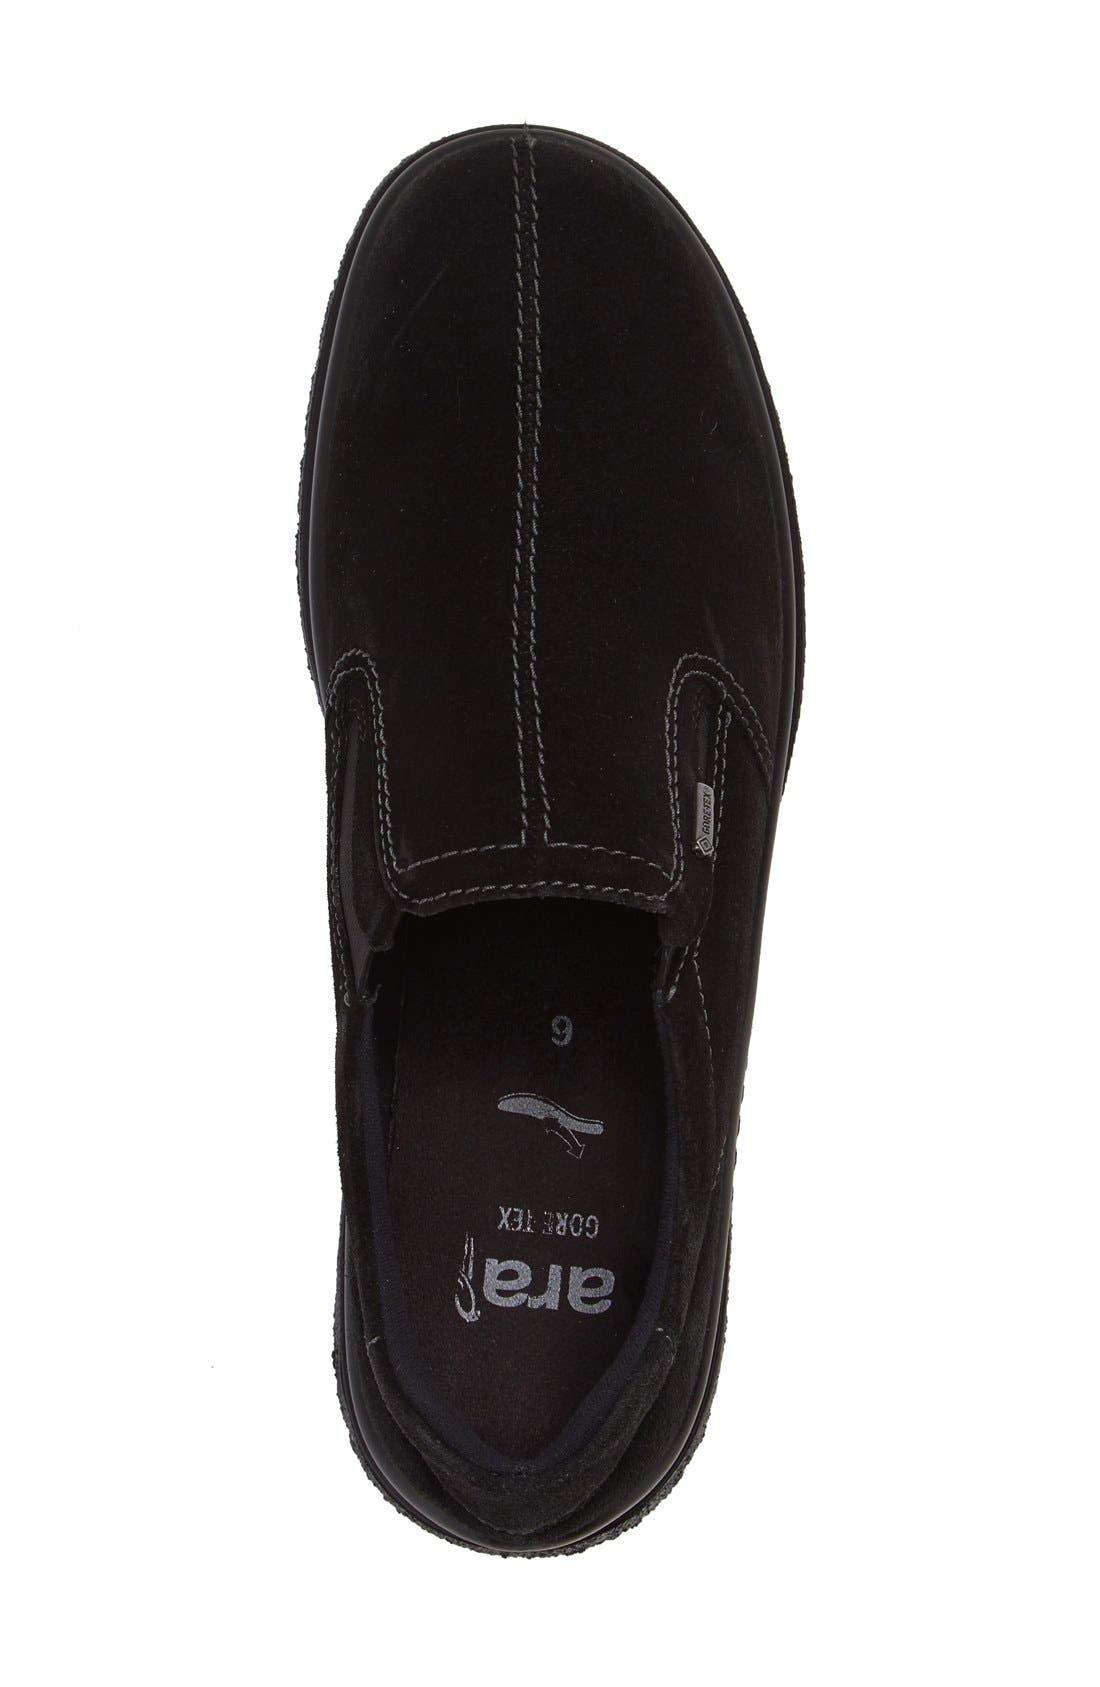 Parson Waterproof Gore-Tex<sup>®</sup> Slip-On Sneaker,                             Alternate thumbnail 3, color,                             Black Suede